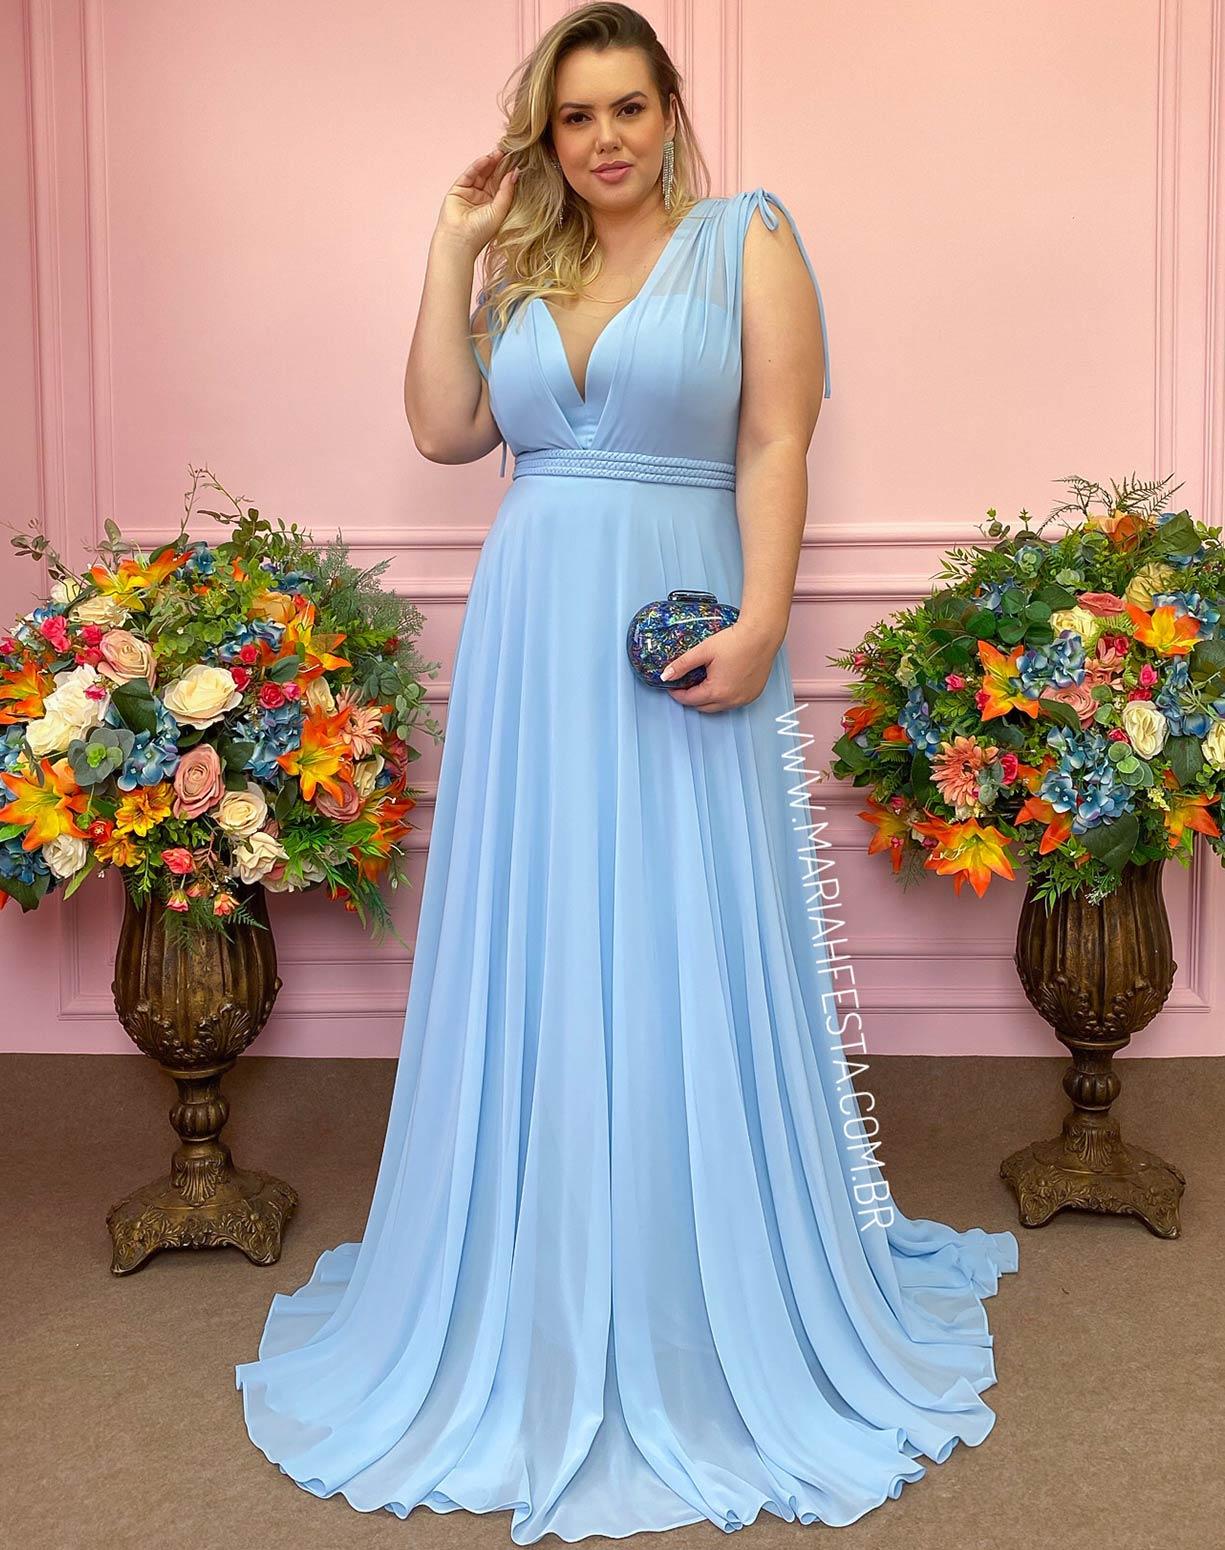 Vestido Azul Serenity com Cinto em Macramê